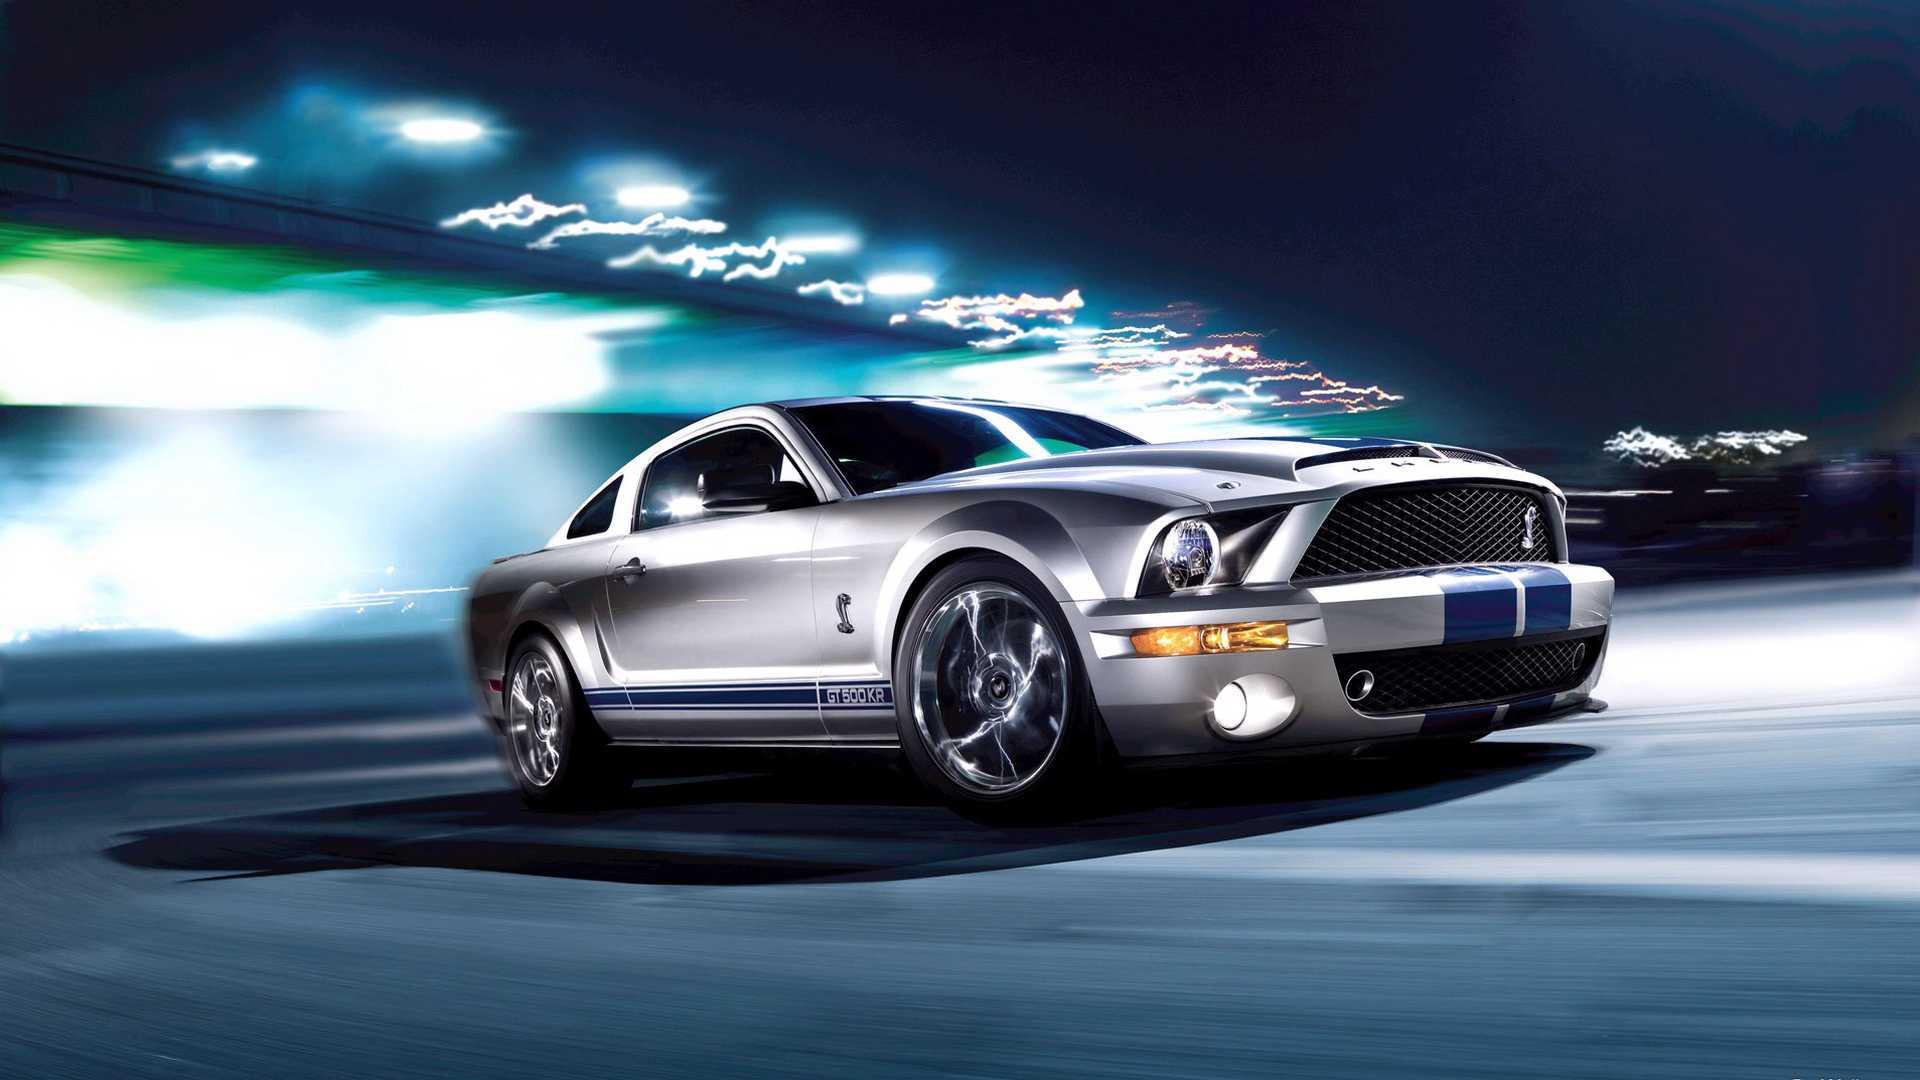 Fondos de pantalla 4k coches | Fondos de Pantalla